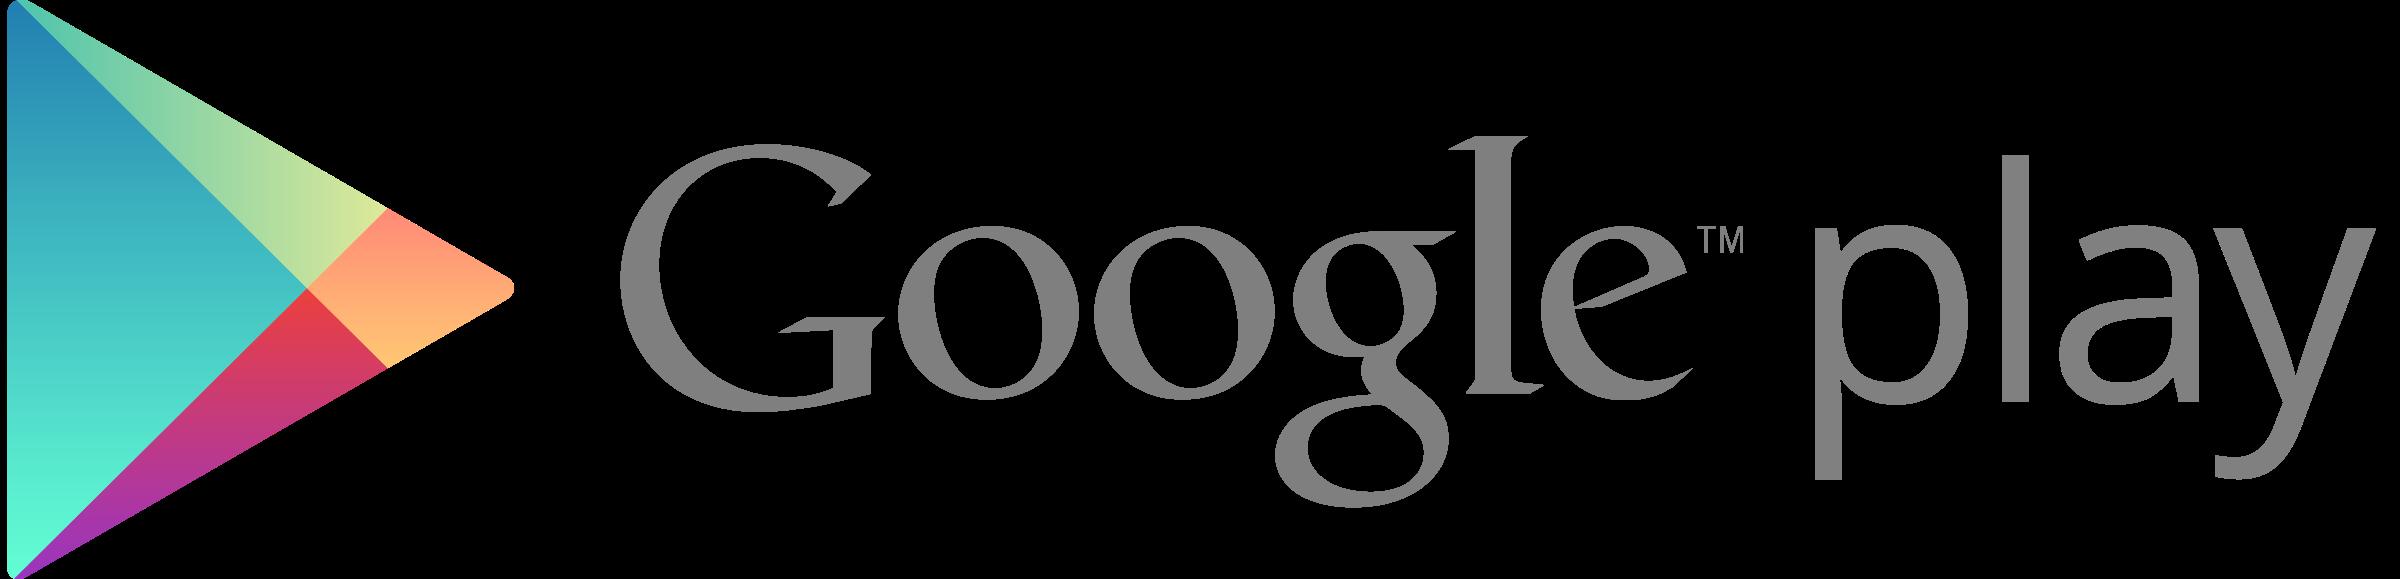 google-play-logo-png-transparent.png